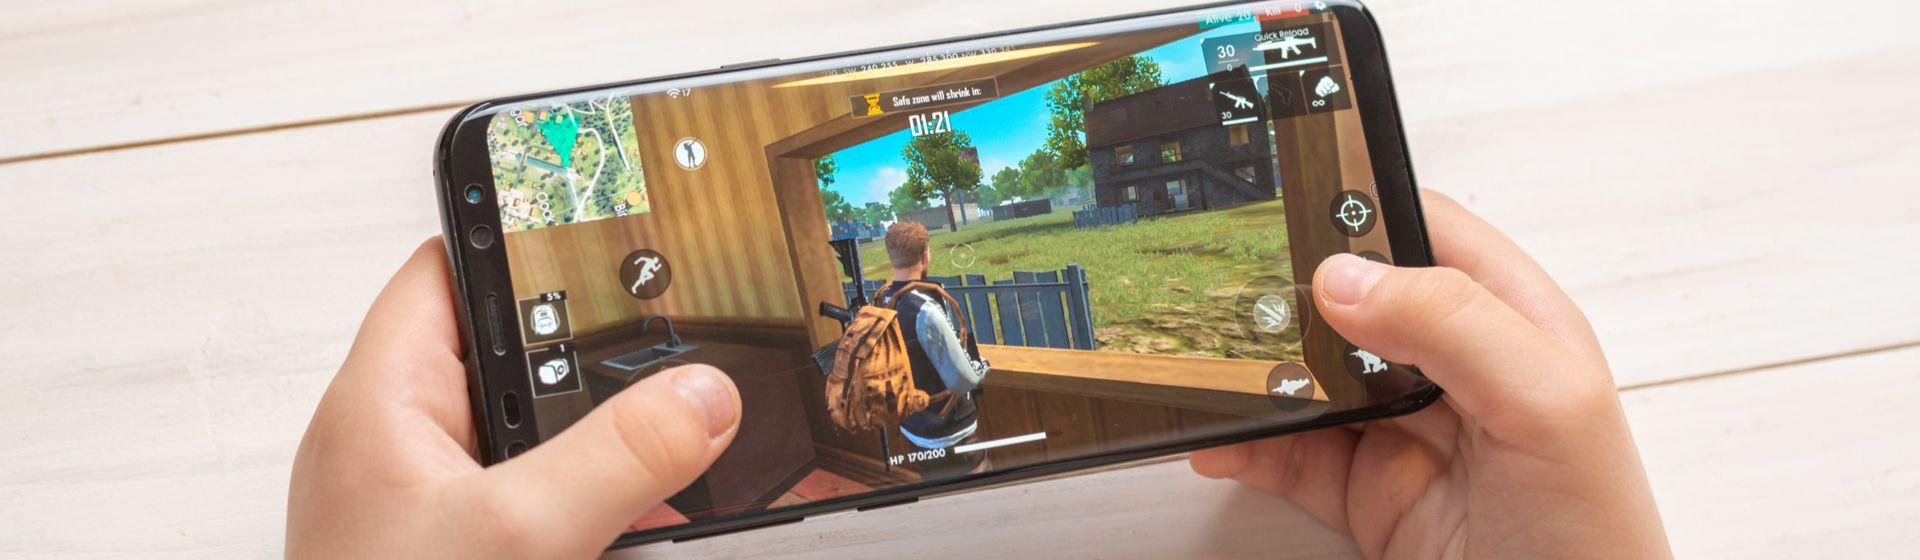 Melhor celular para jogar Free Fire